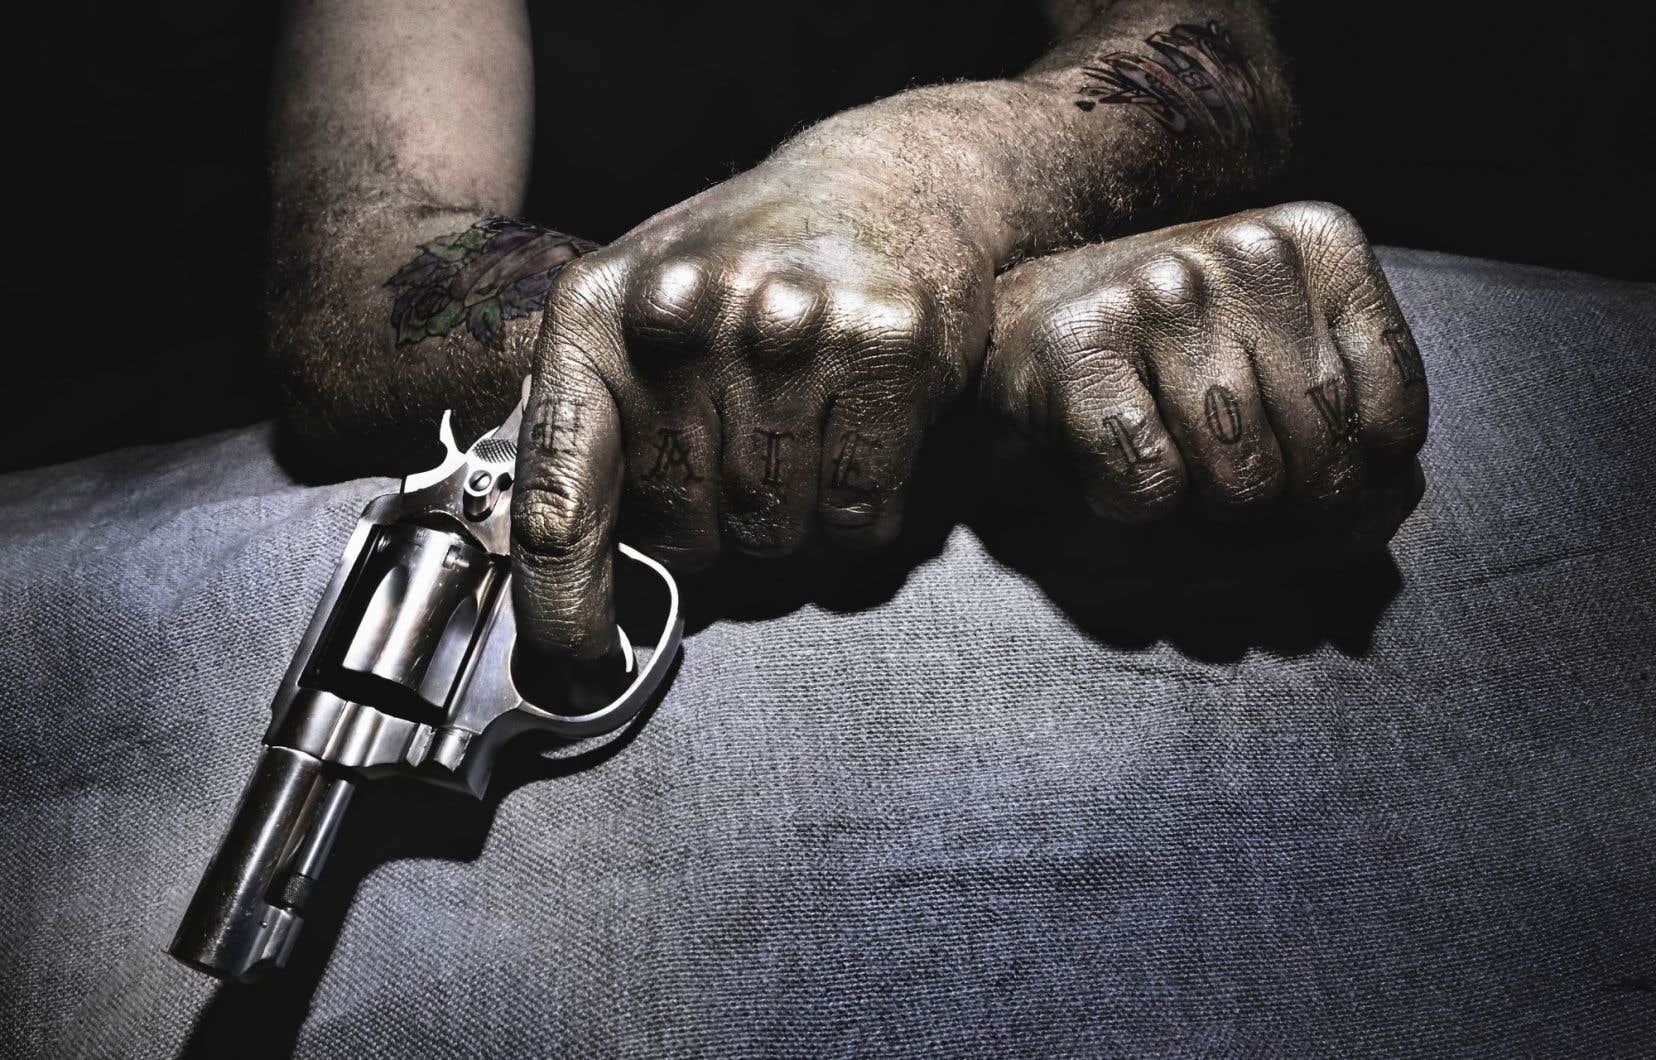 Enlèvements et exécutions se succèdent sous le regard du chroniqueur sportif d'un journal mexicain.